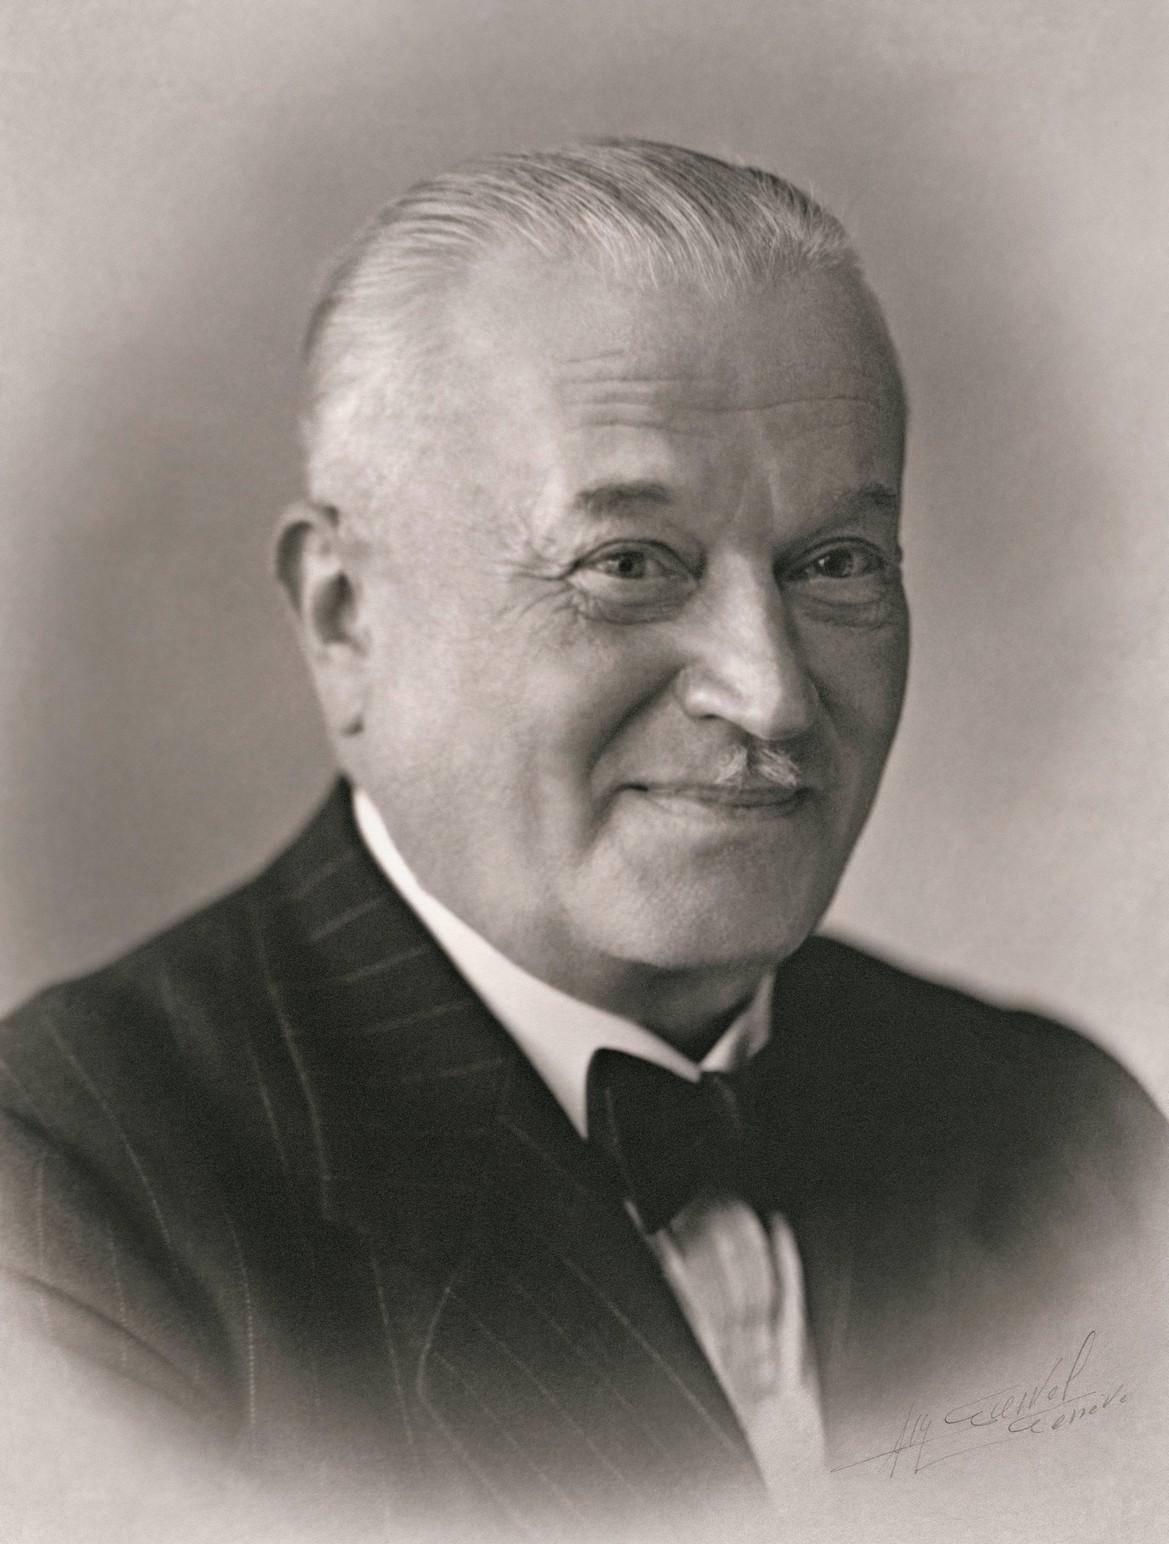 Hans_Wilsdorf_approx_1945